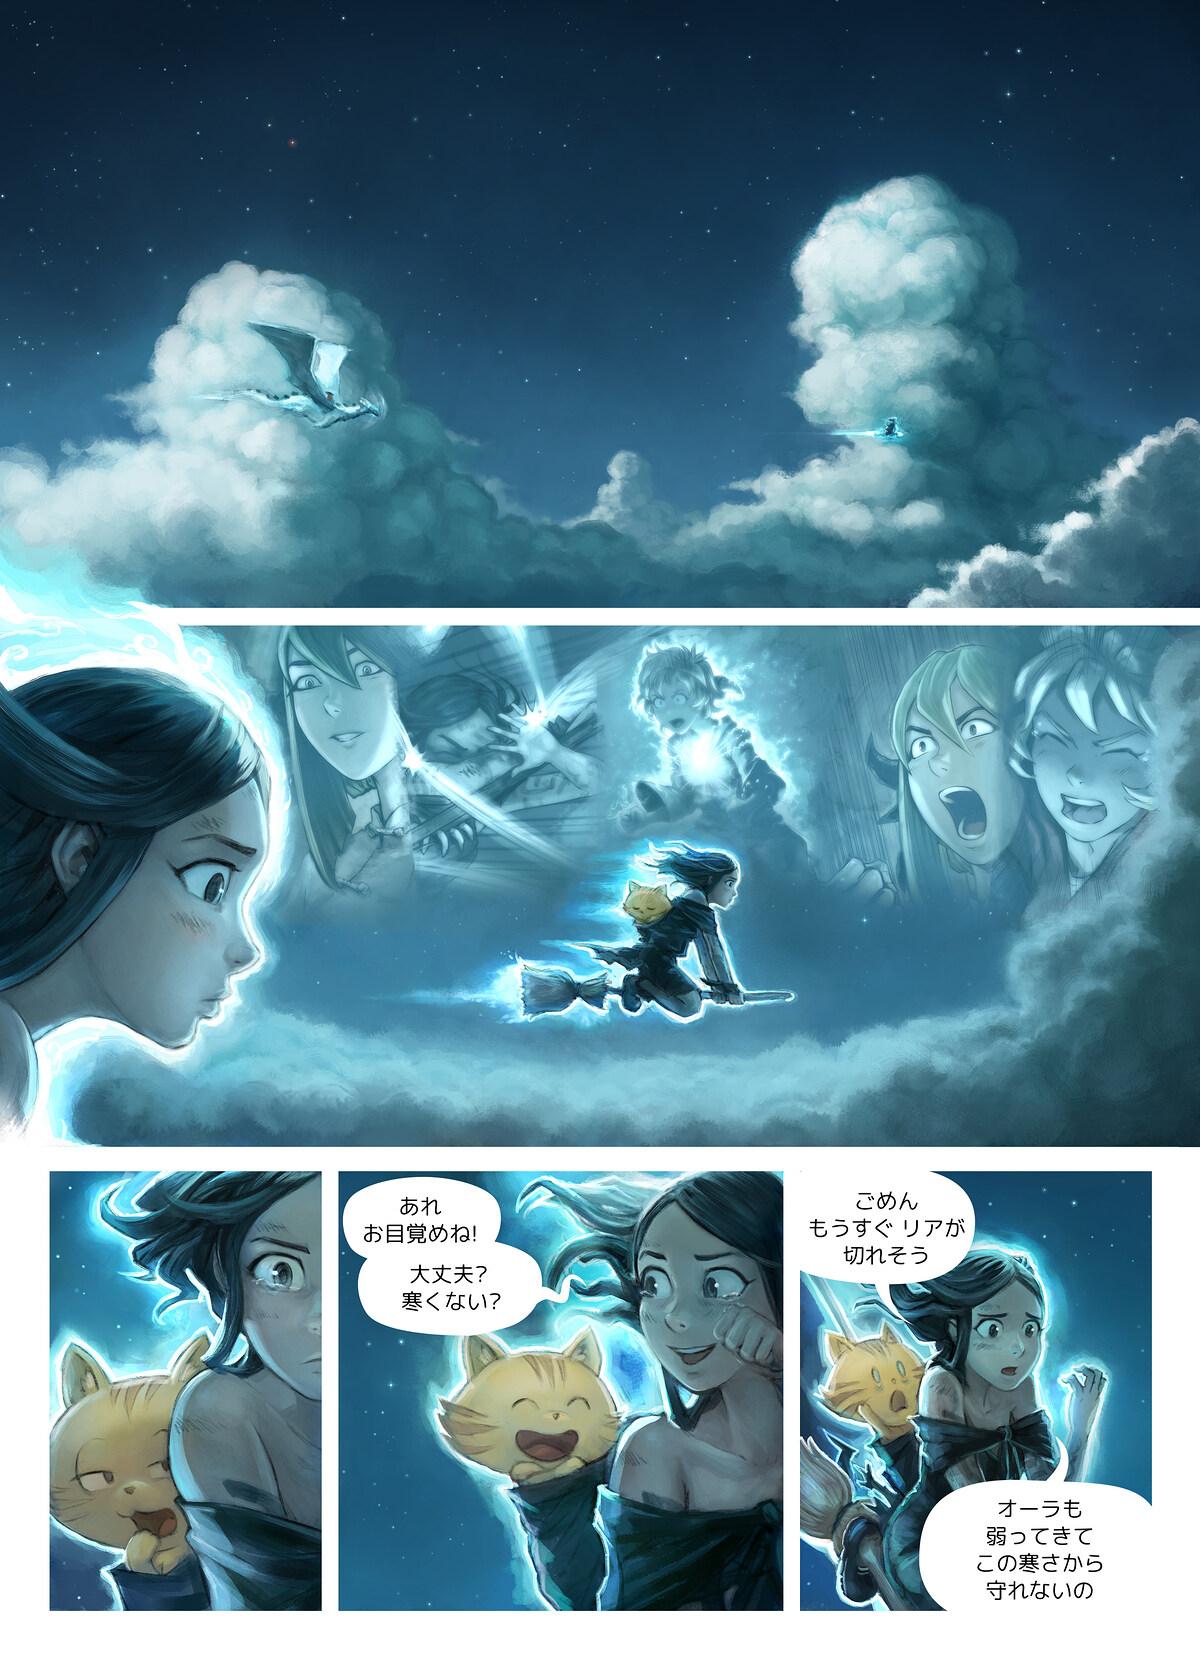 エピソード 35: 鏡像, ページ 1